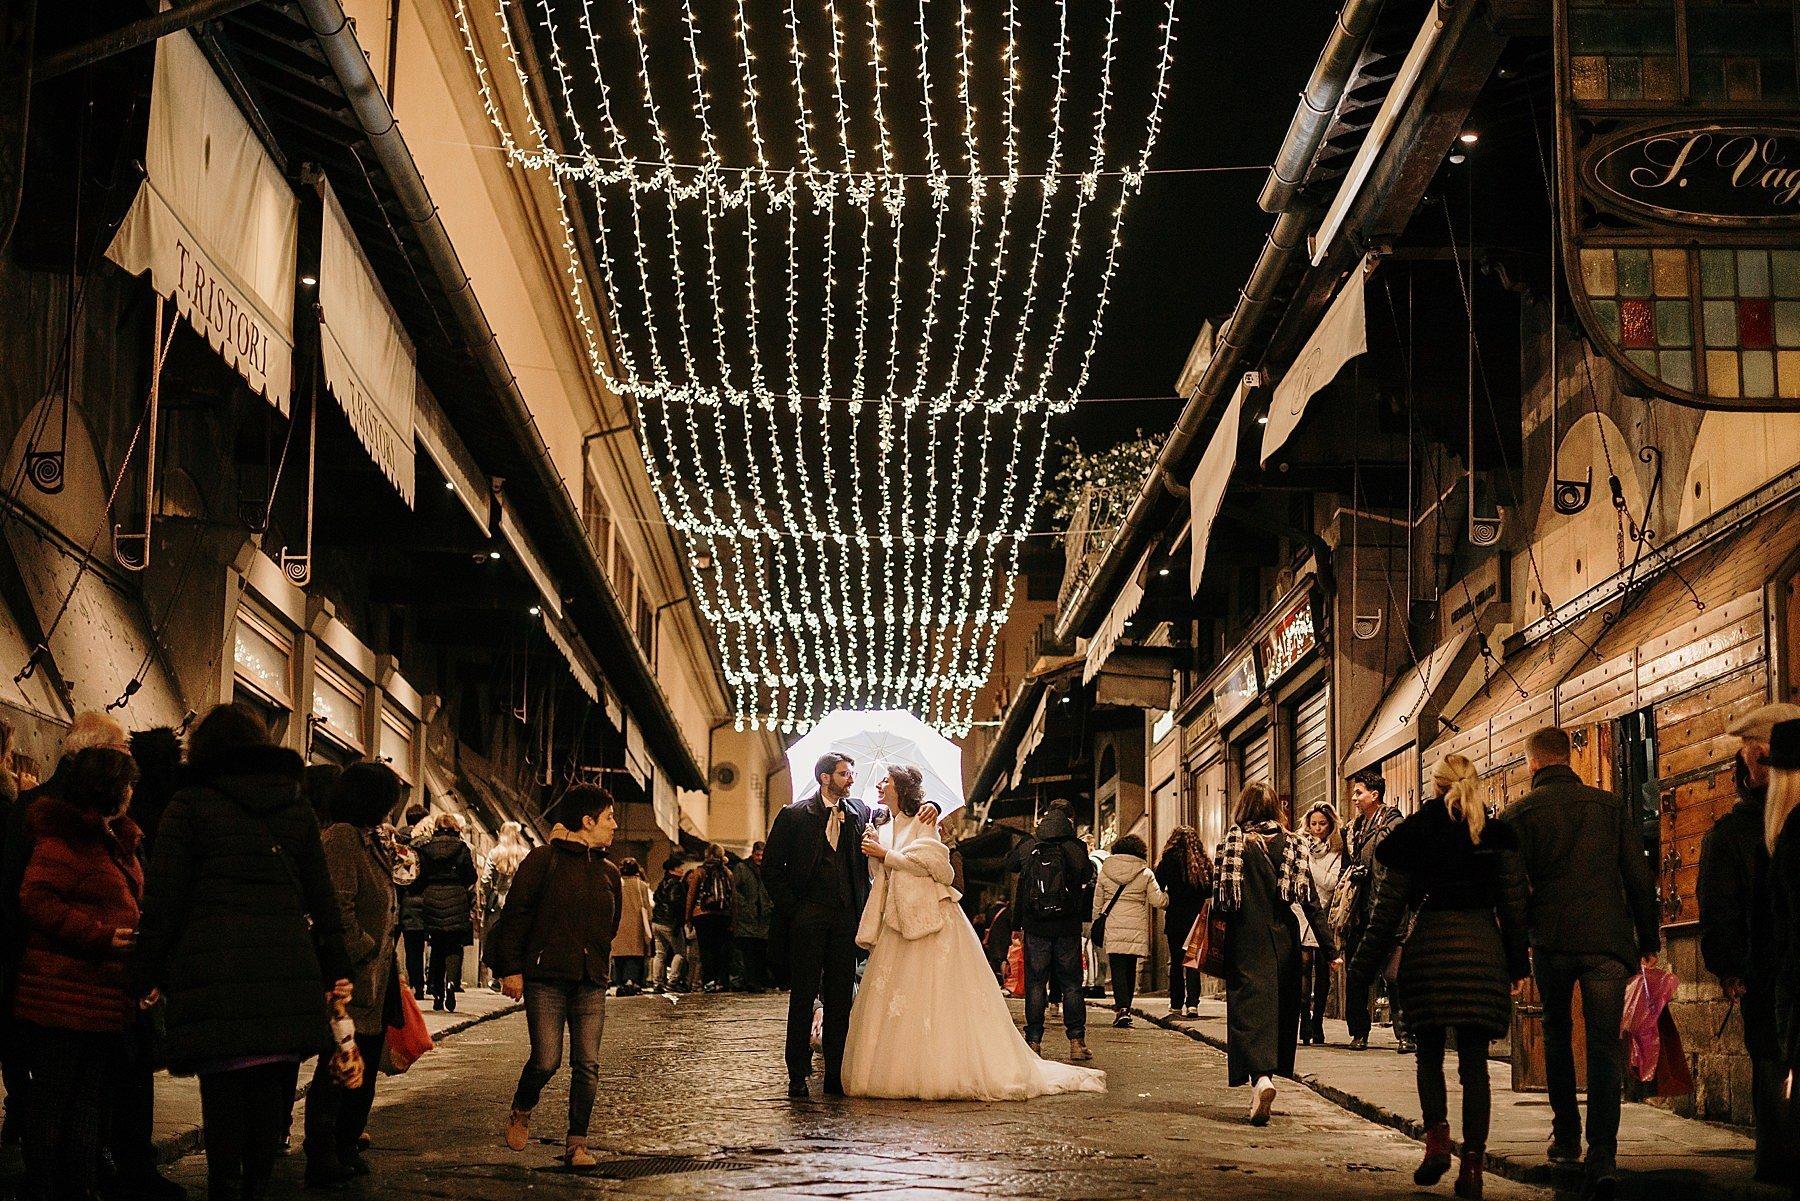 fotografia di matrimonio a firenze in inverno 772